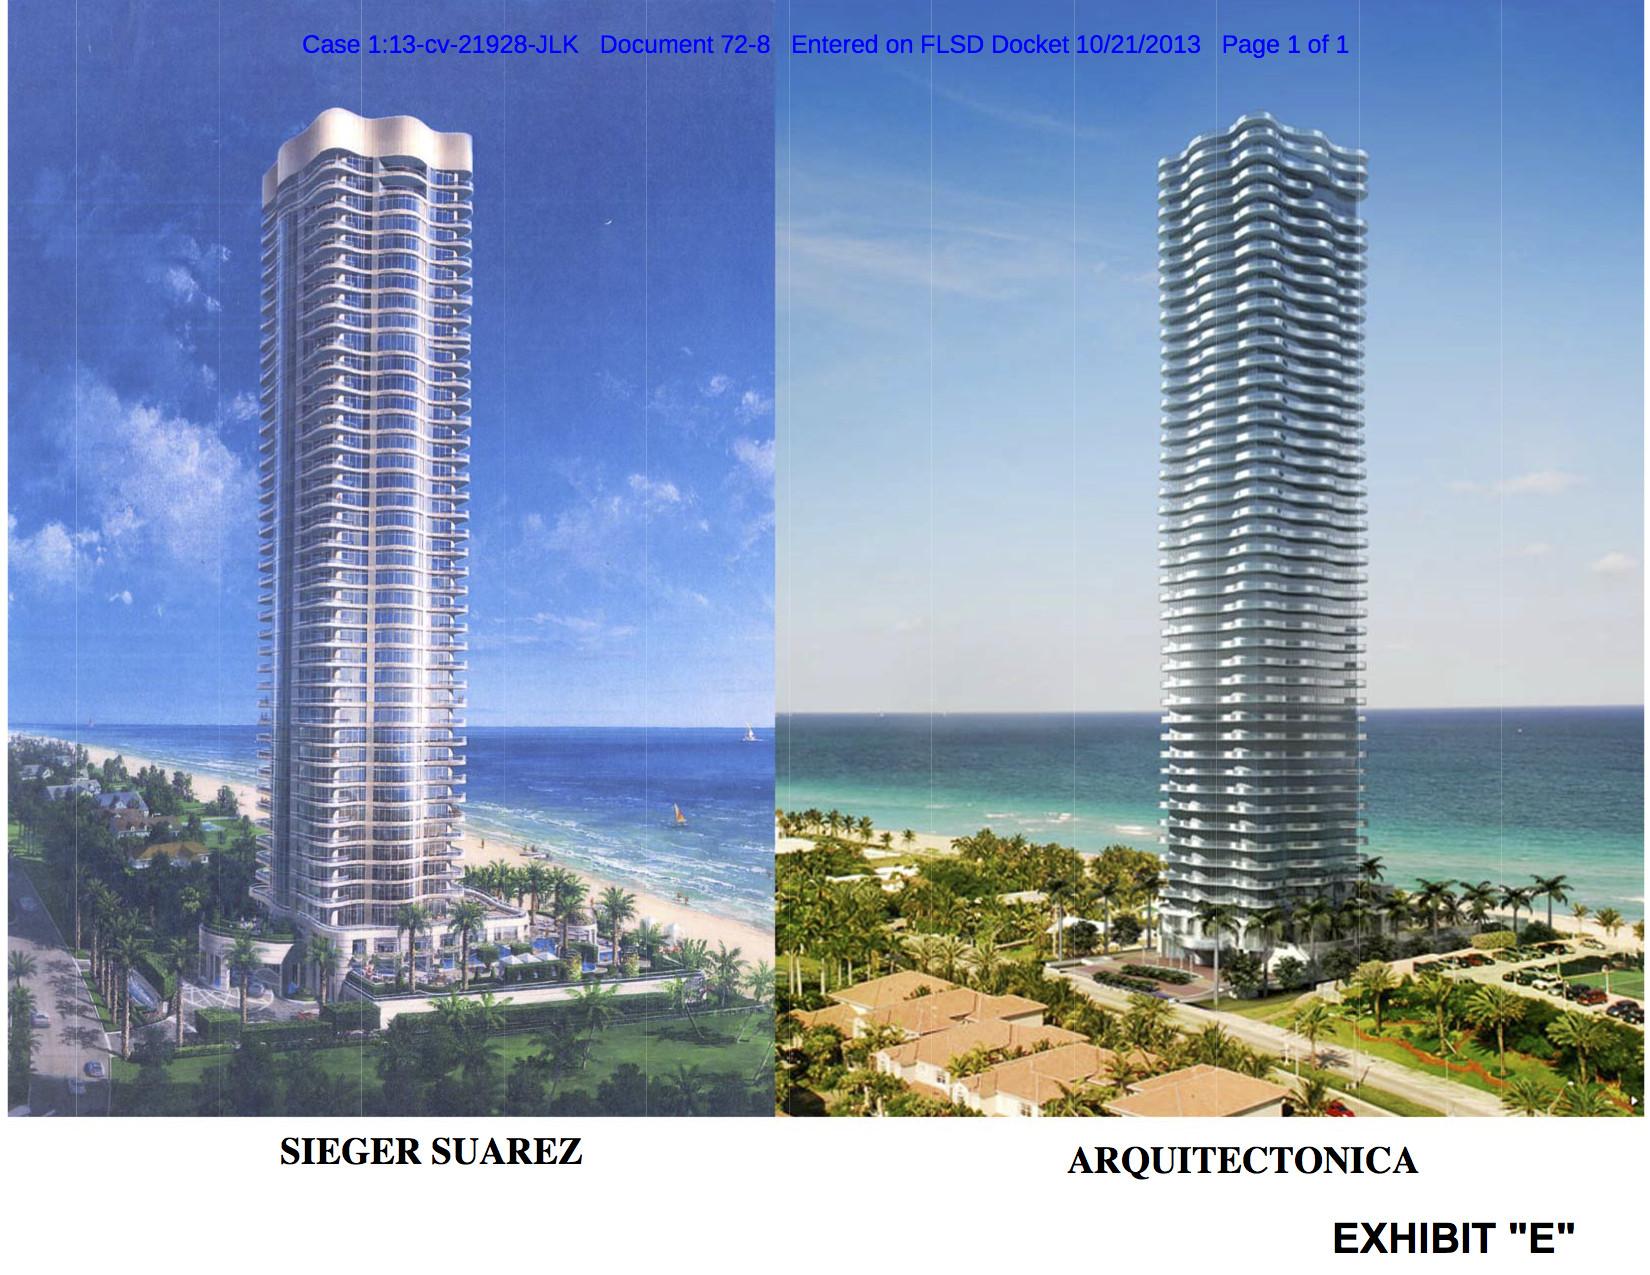 O que faz de uma cópia uma cópia? O caso dos direitos autorais na arquitetura, Cortesia de Mitch Tuchman. Fonte das Imagens: Tribunal Distrital dos EUA do Distrito do Sul da Flórida, Divisão de Miami